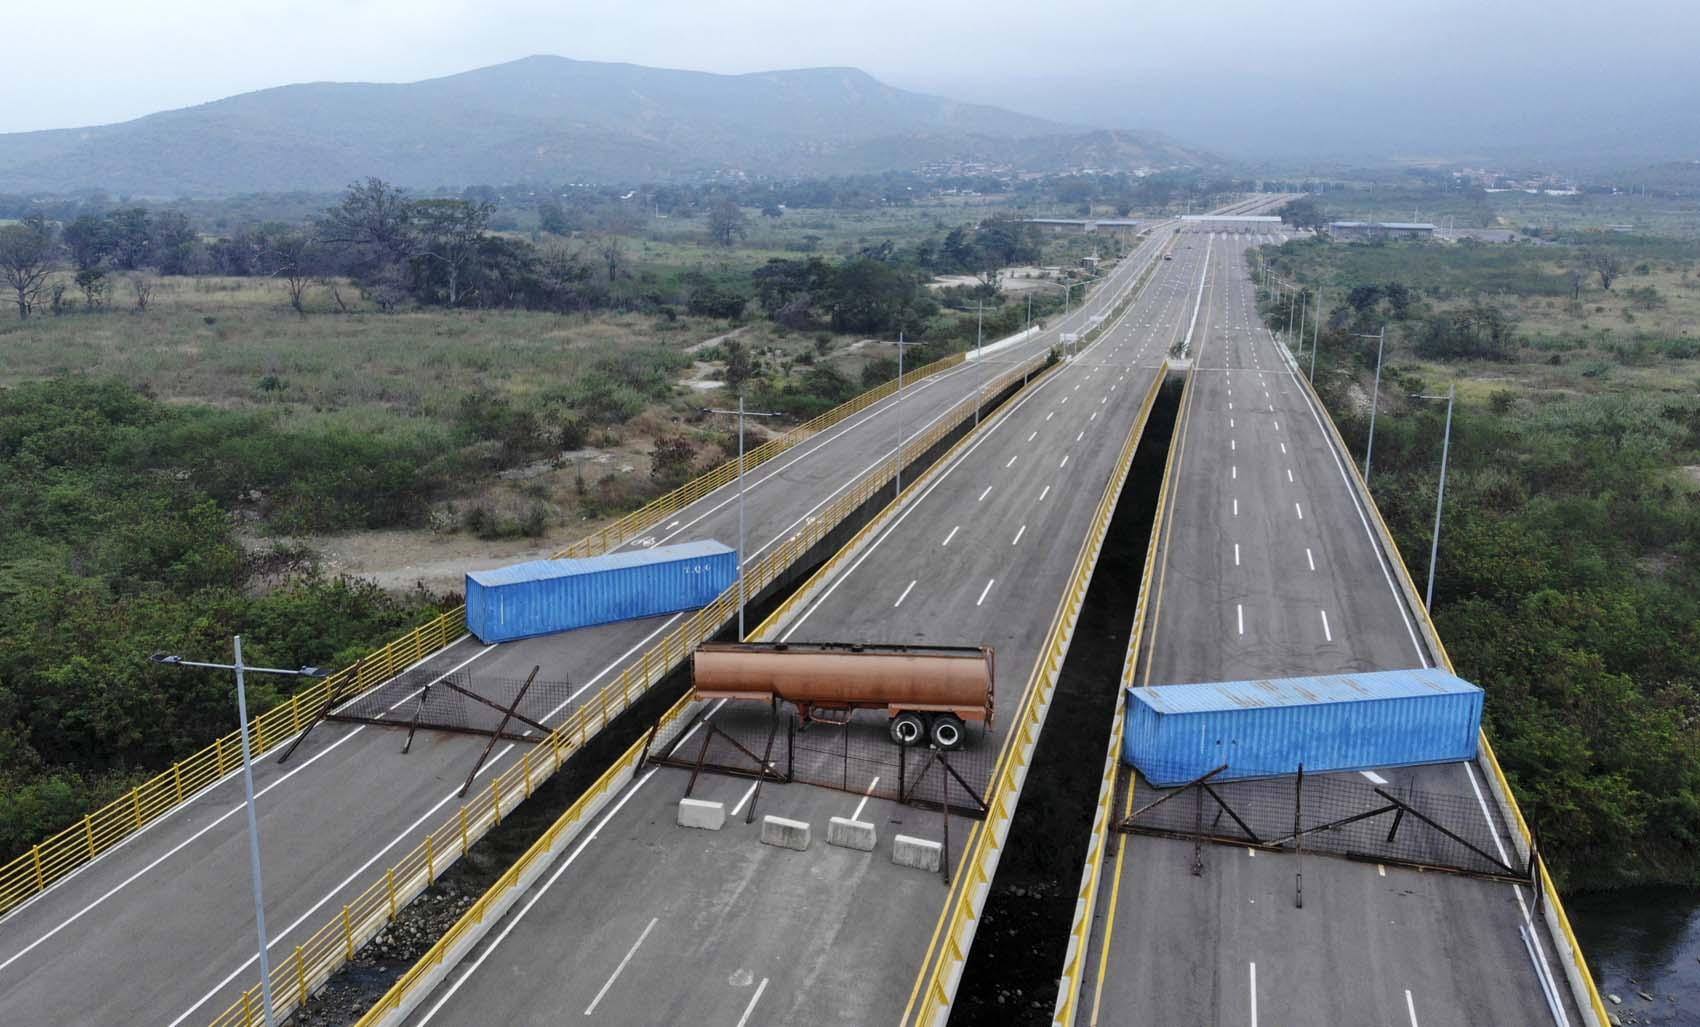 Especial: Dentro del esfuerzo por romper el estancamiento de la ayuda venezolana